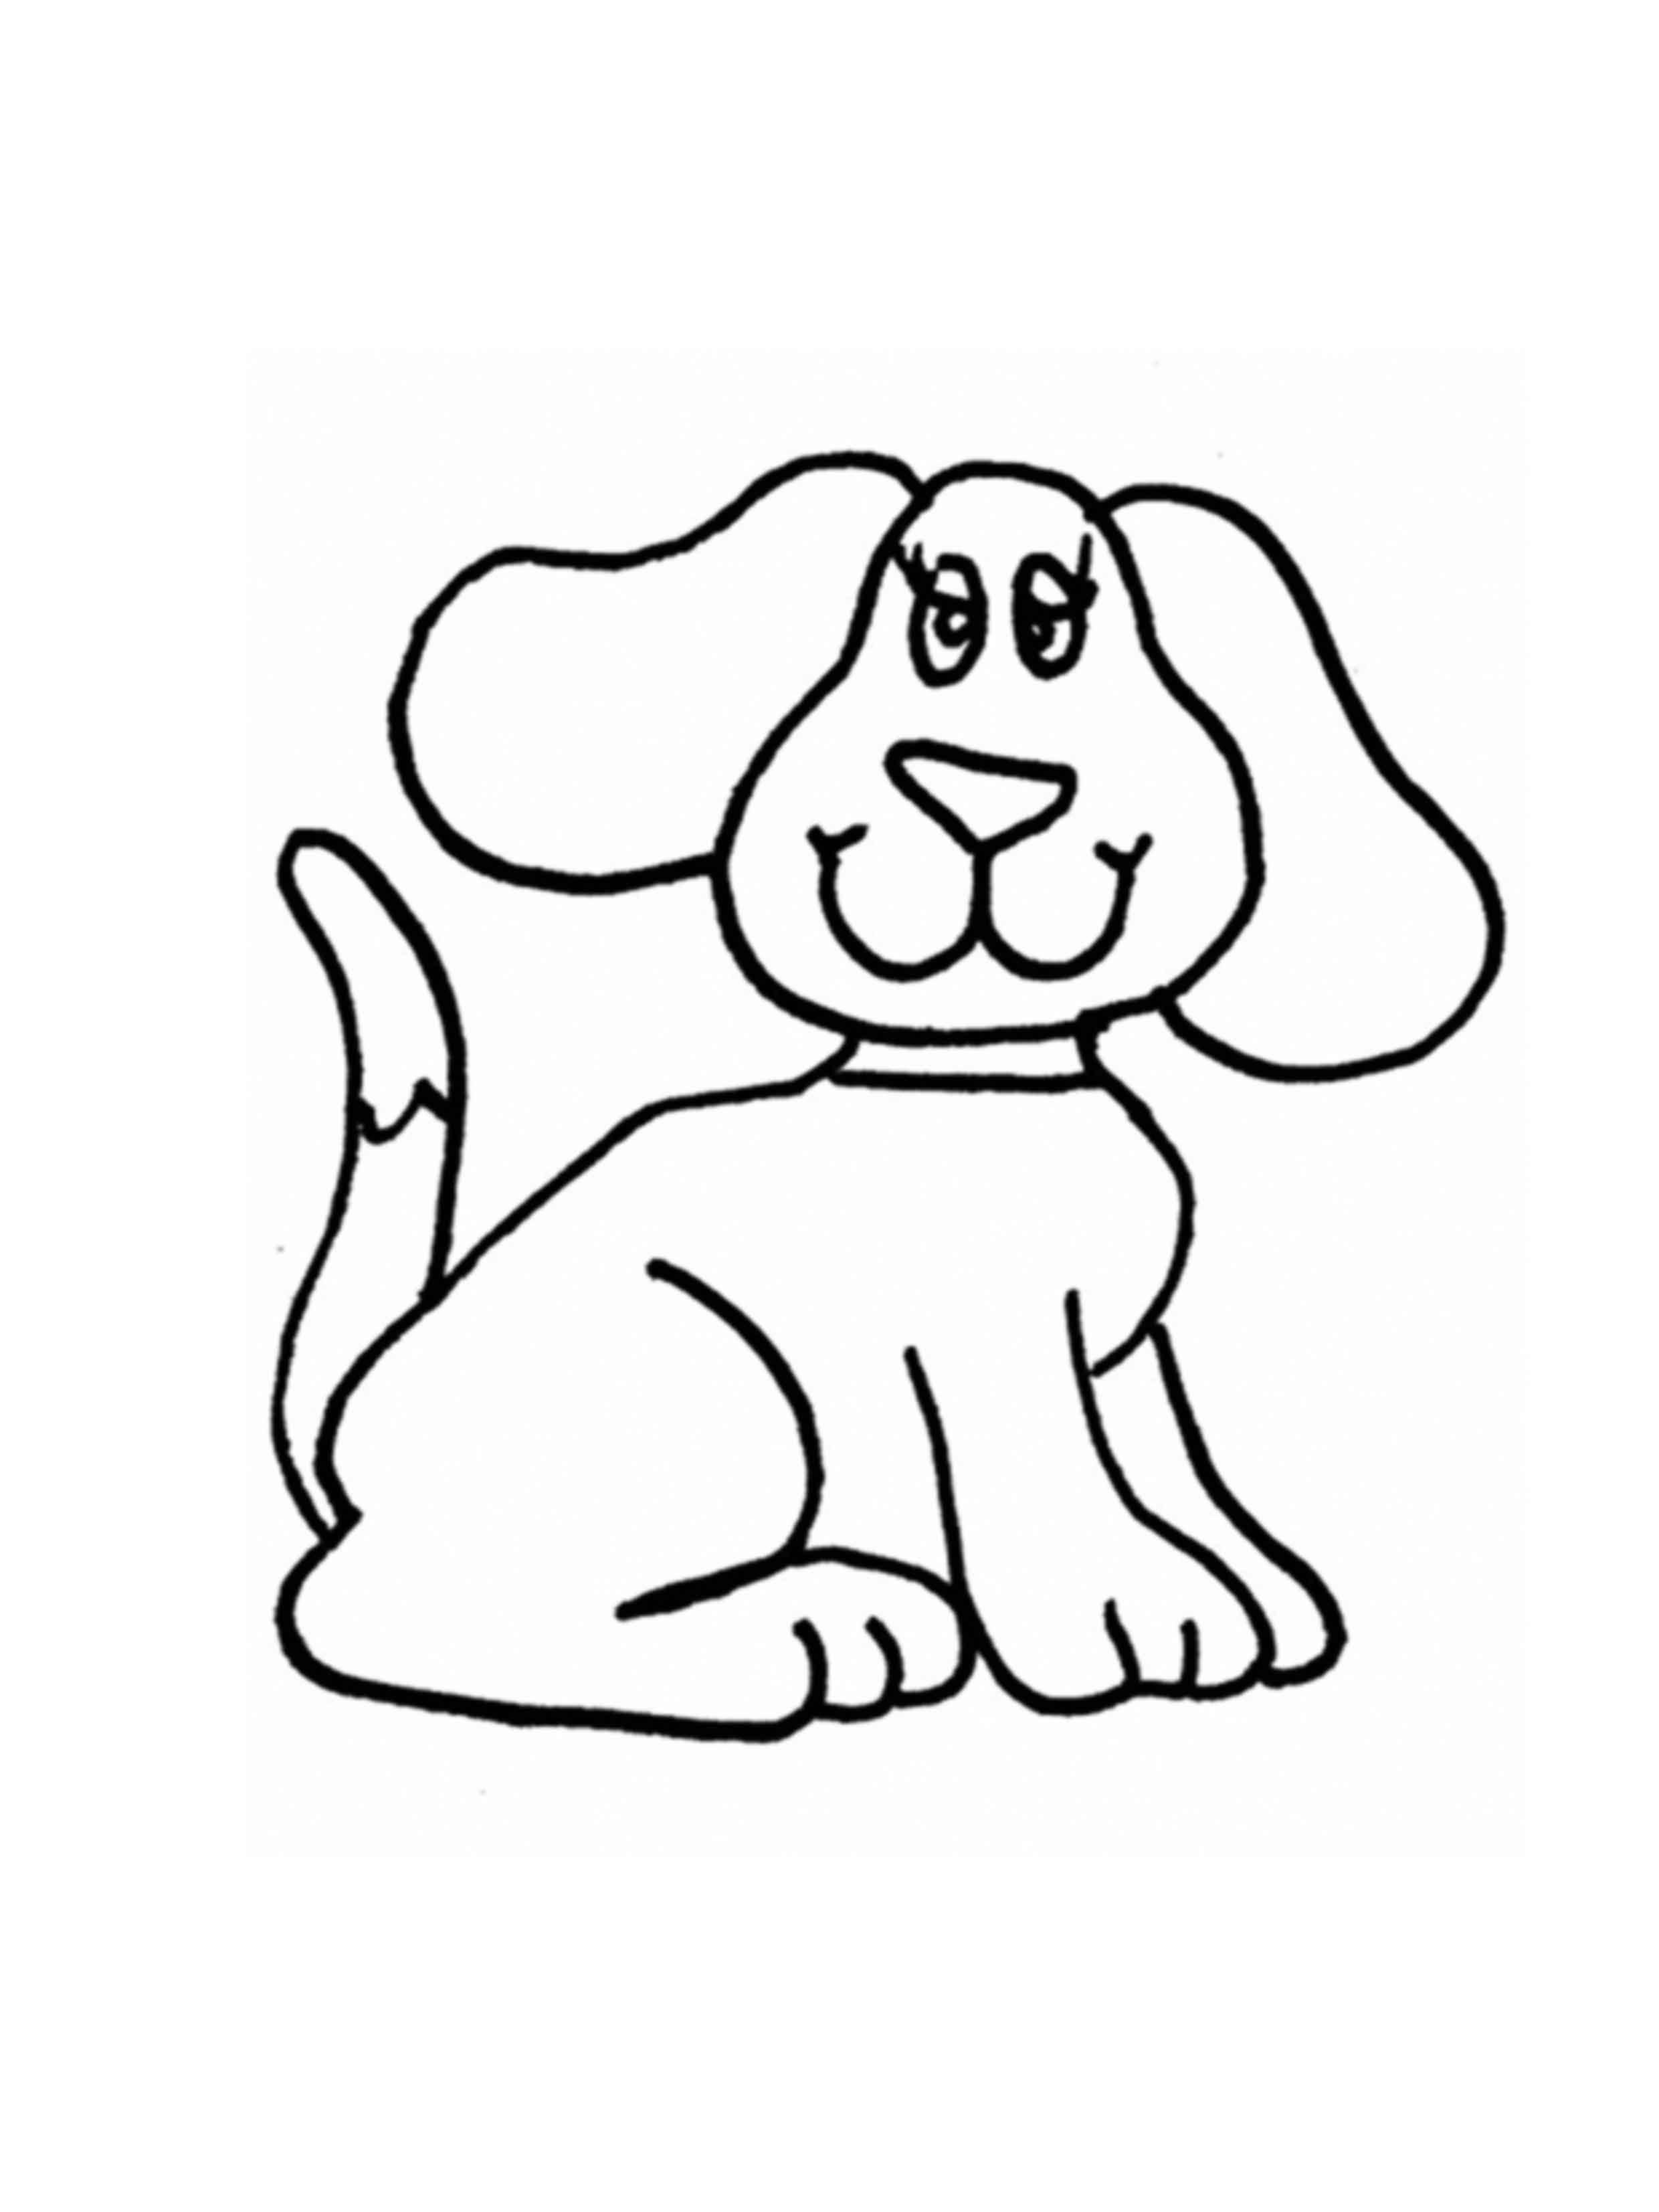 דפי צביעה של כלבים